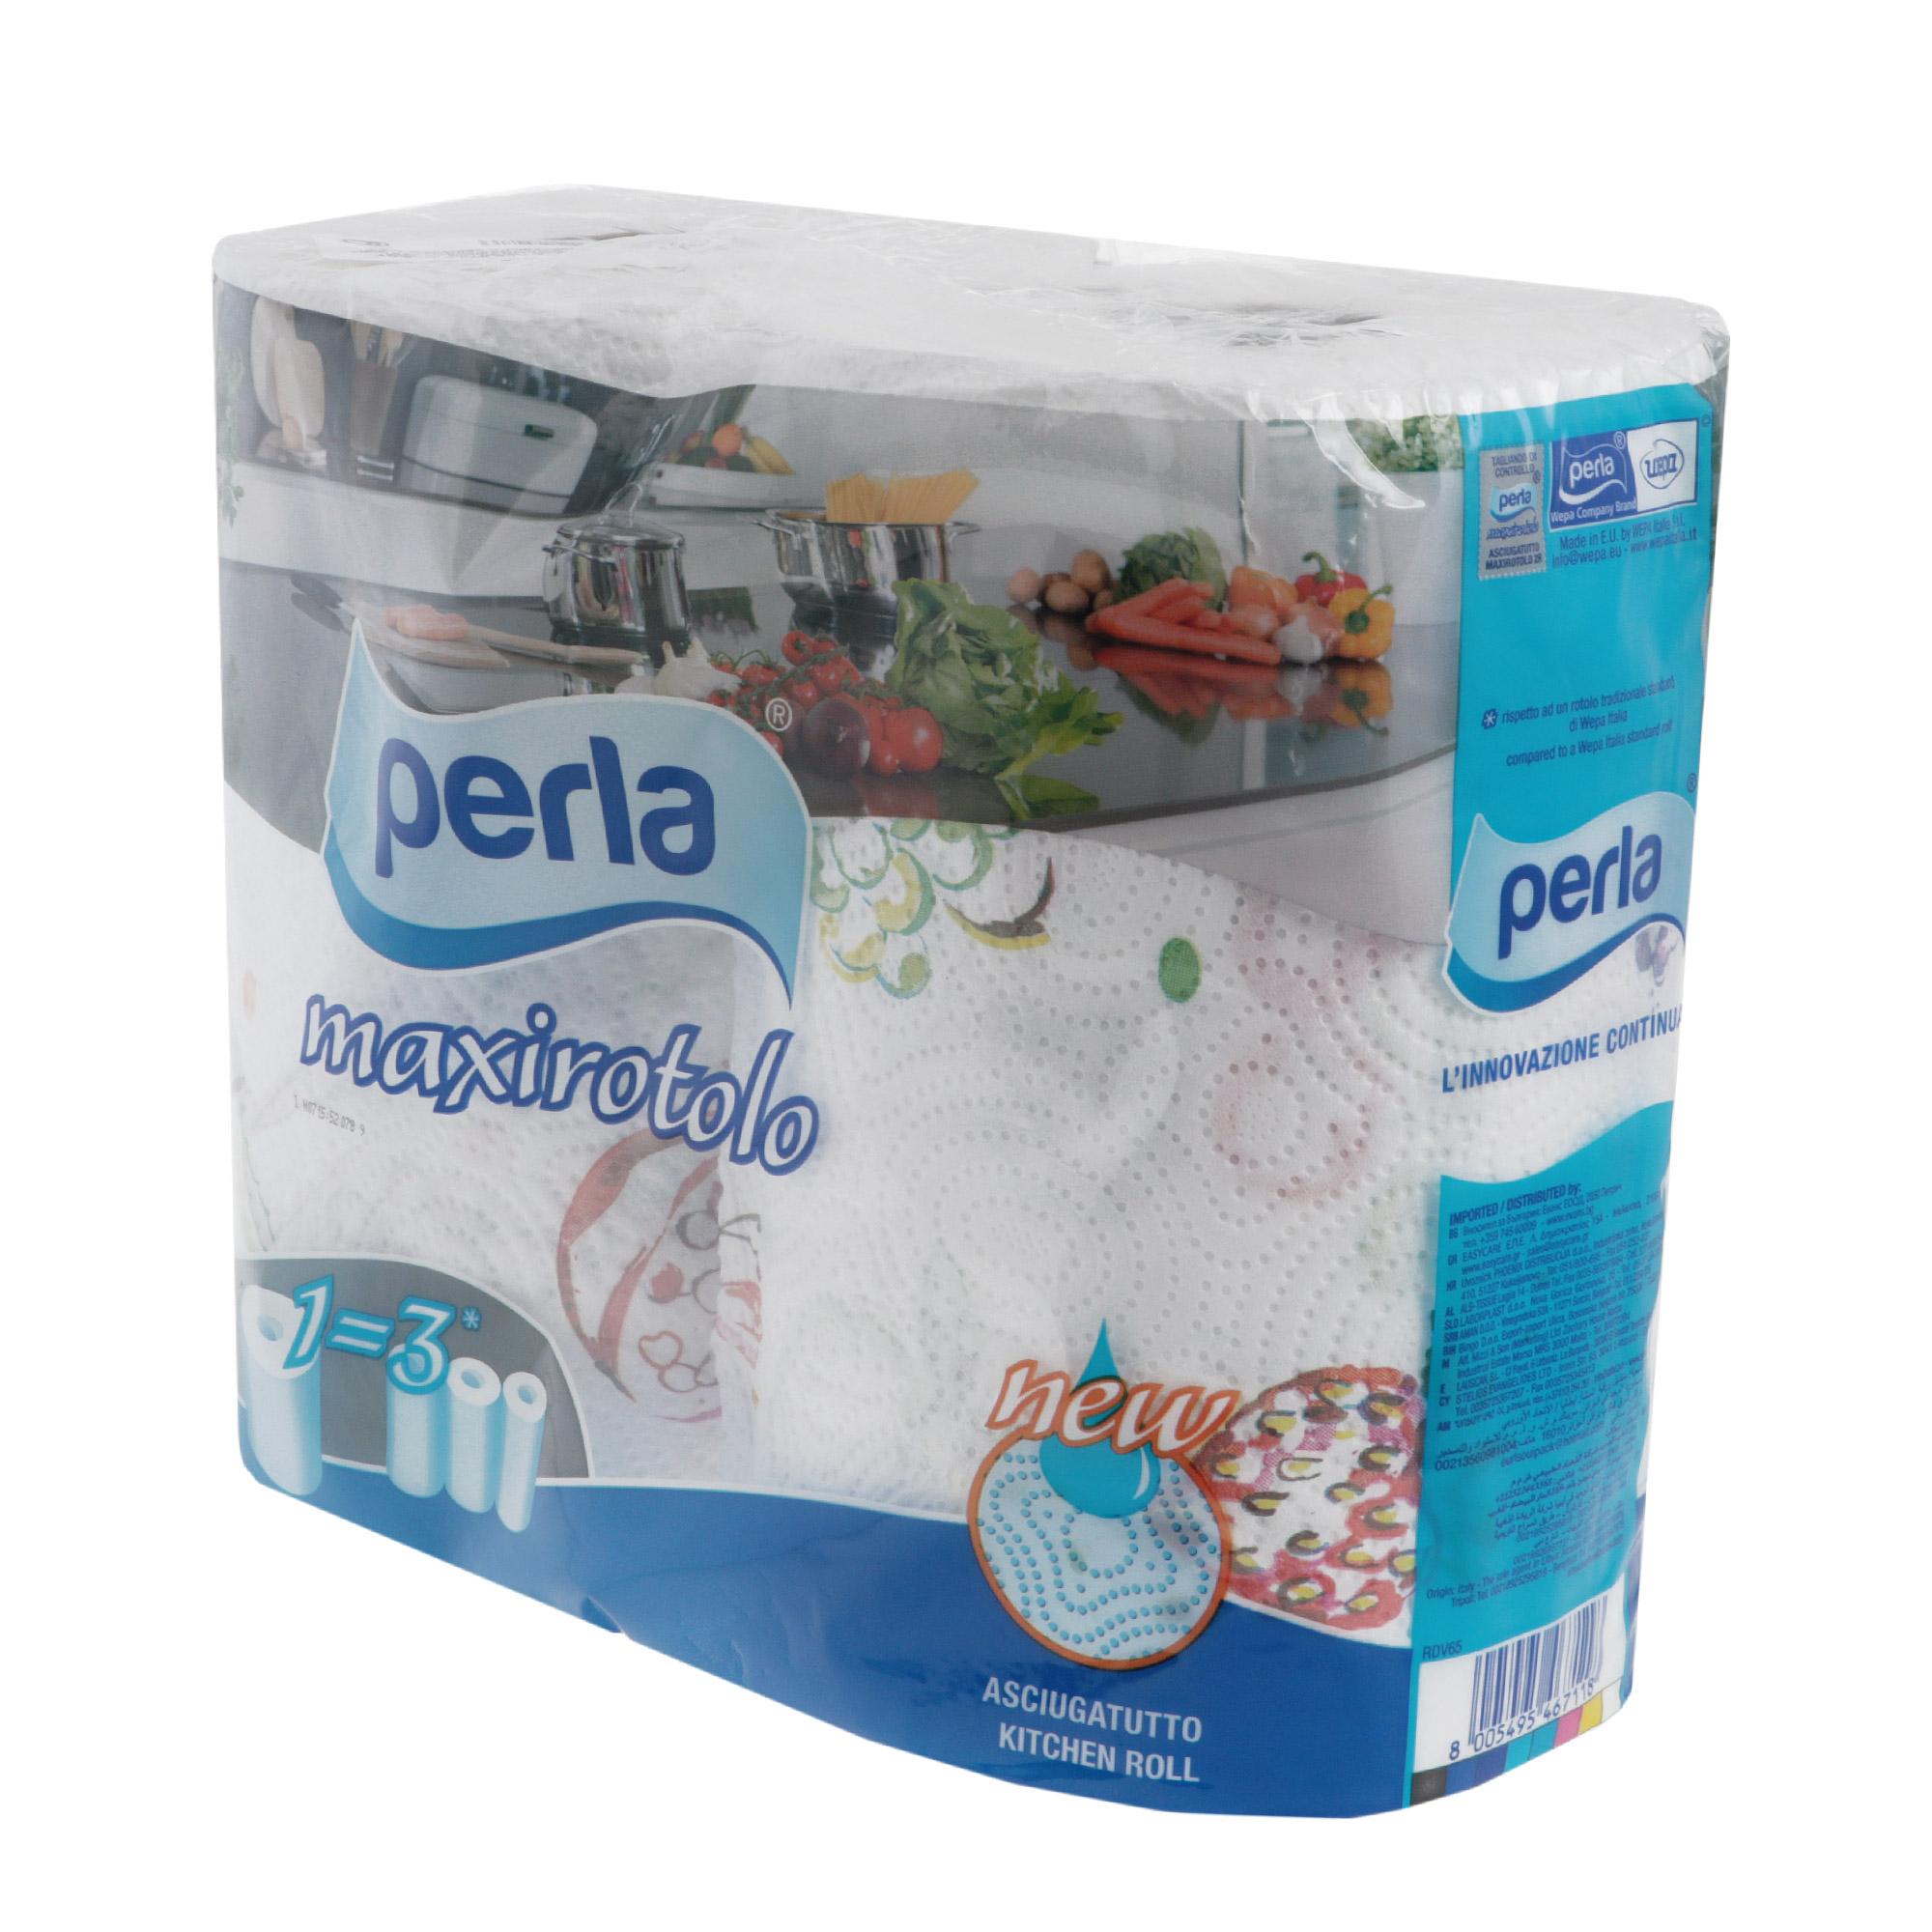 полотенца Полотенца бумажные Wepa lucca maxi decorat 2слоя 2рулона